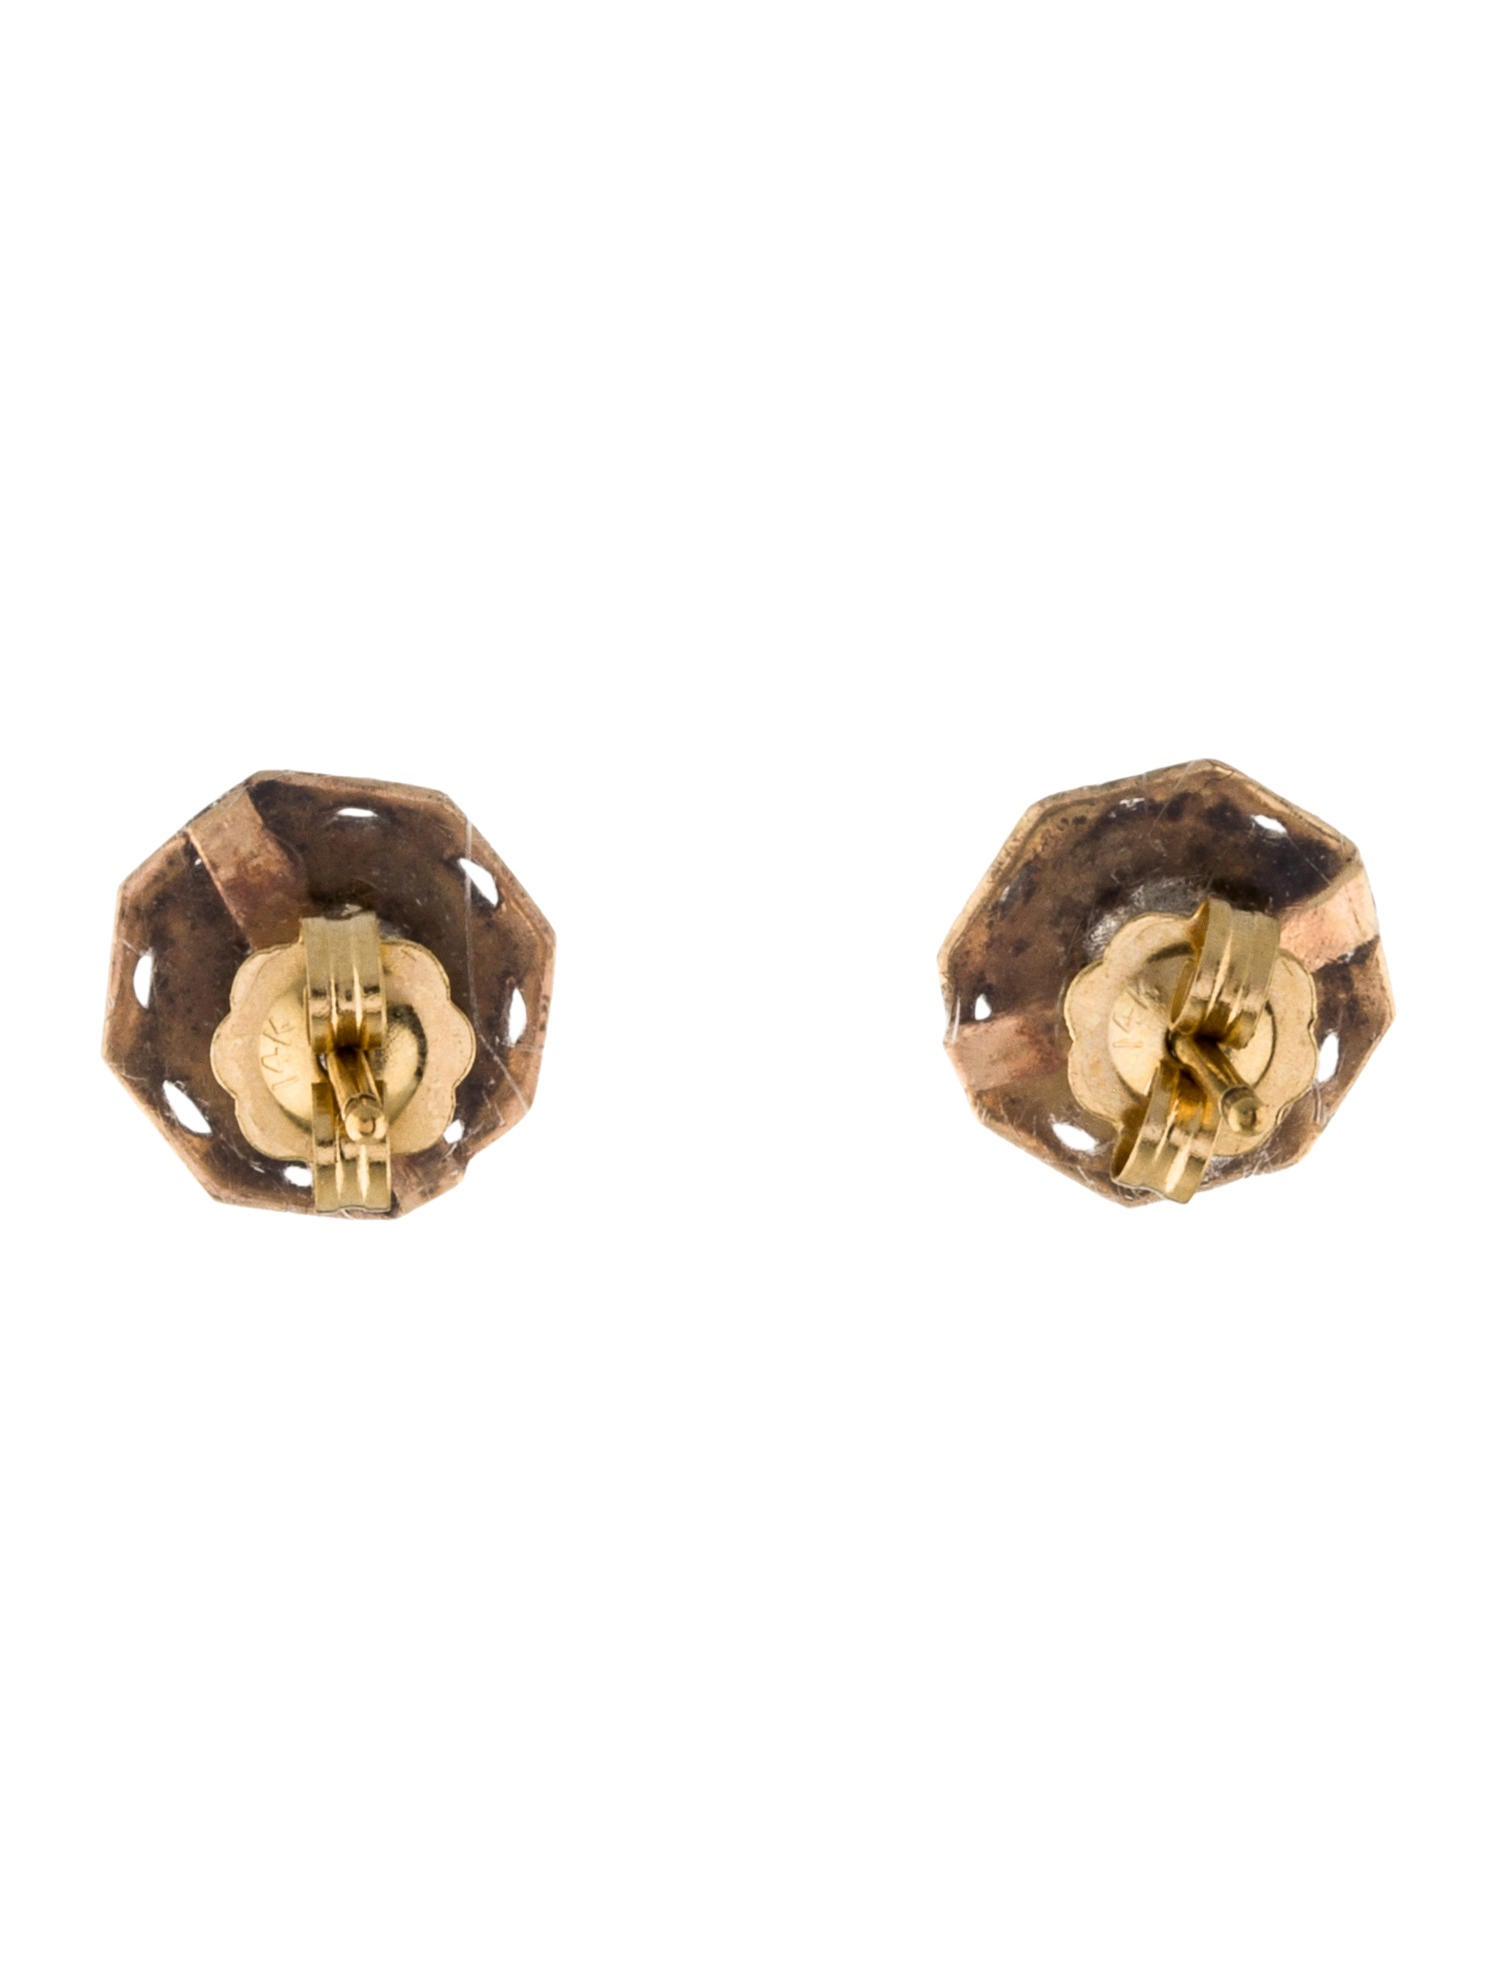 Earrings 13k Old Mine Cut Diamond Stud Earrings Earrings